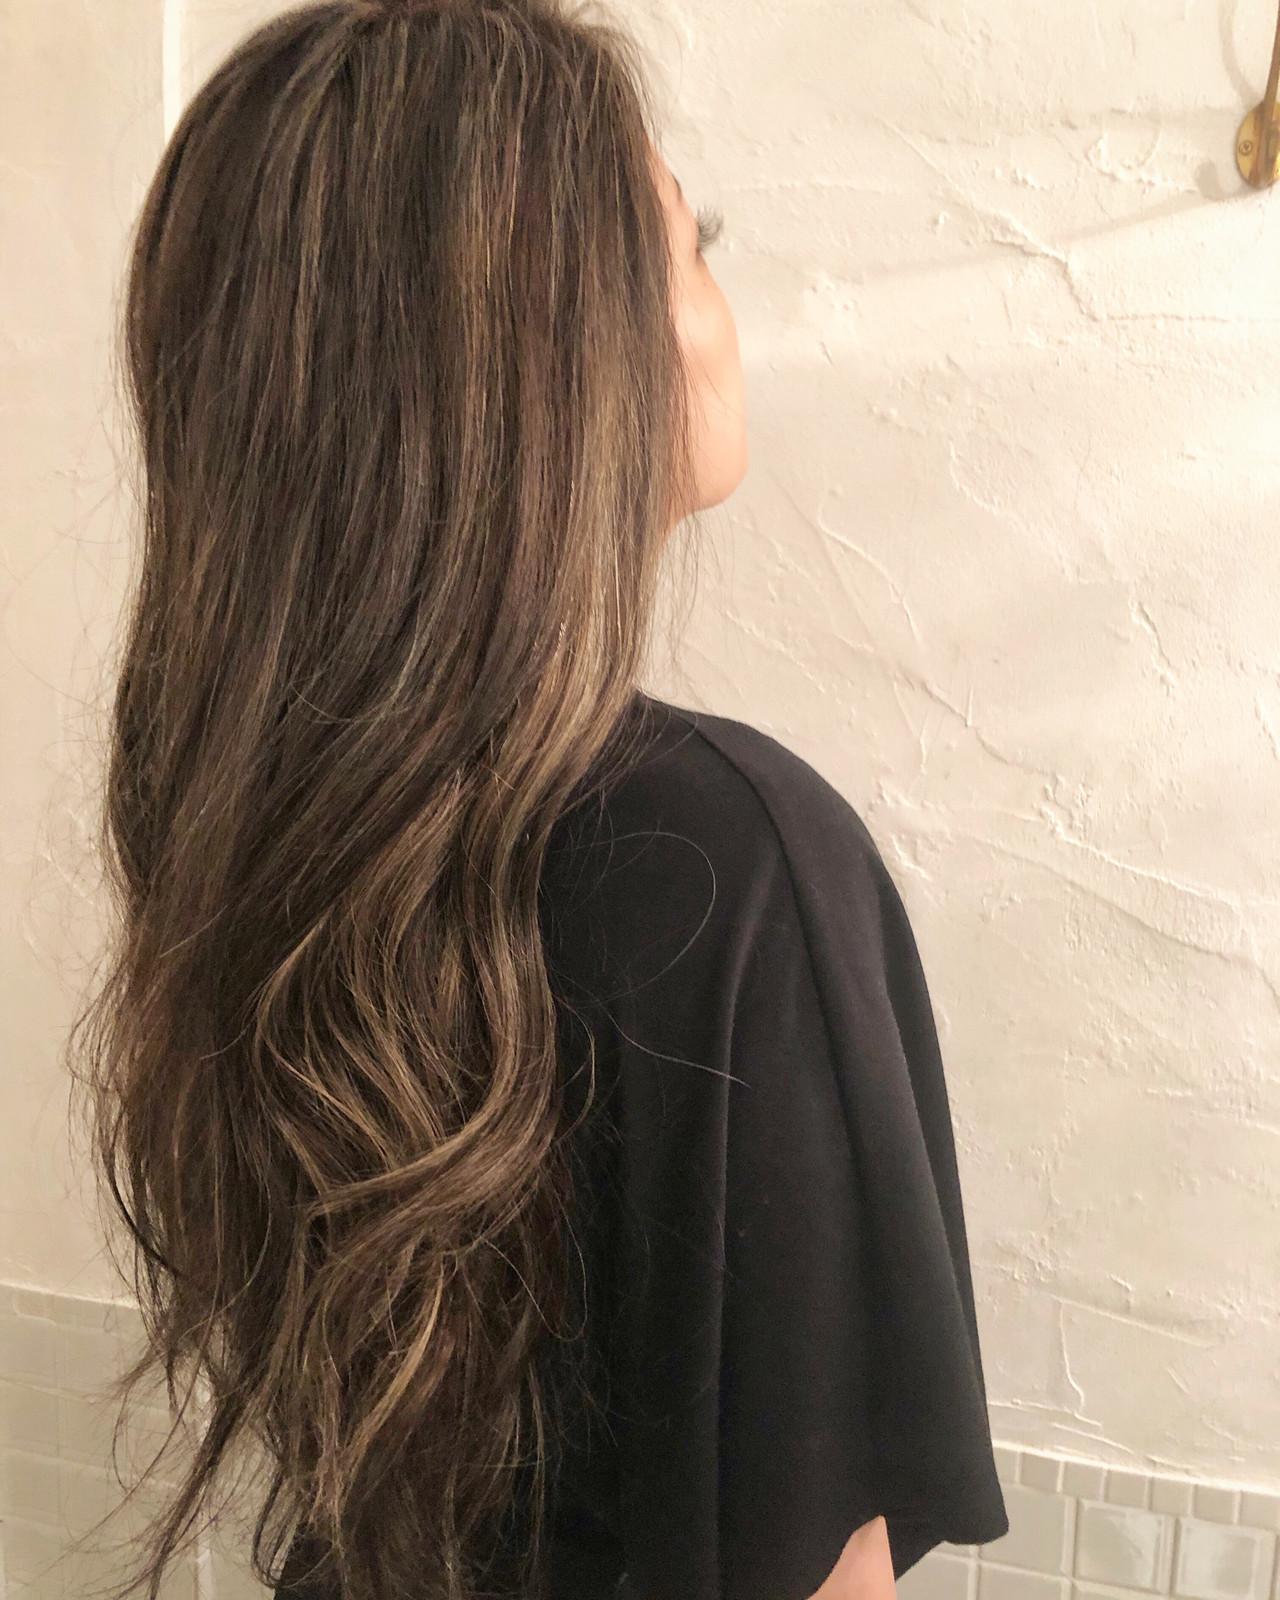 ハイライト ロング エレガント グレージュ ヘアスタイルや髪型の写真・画像